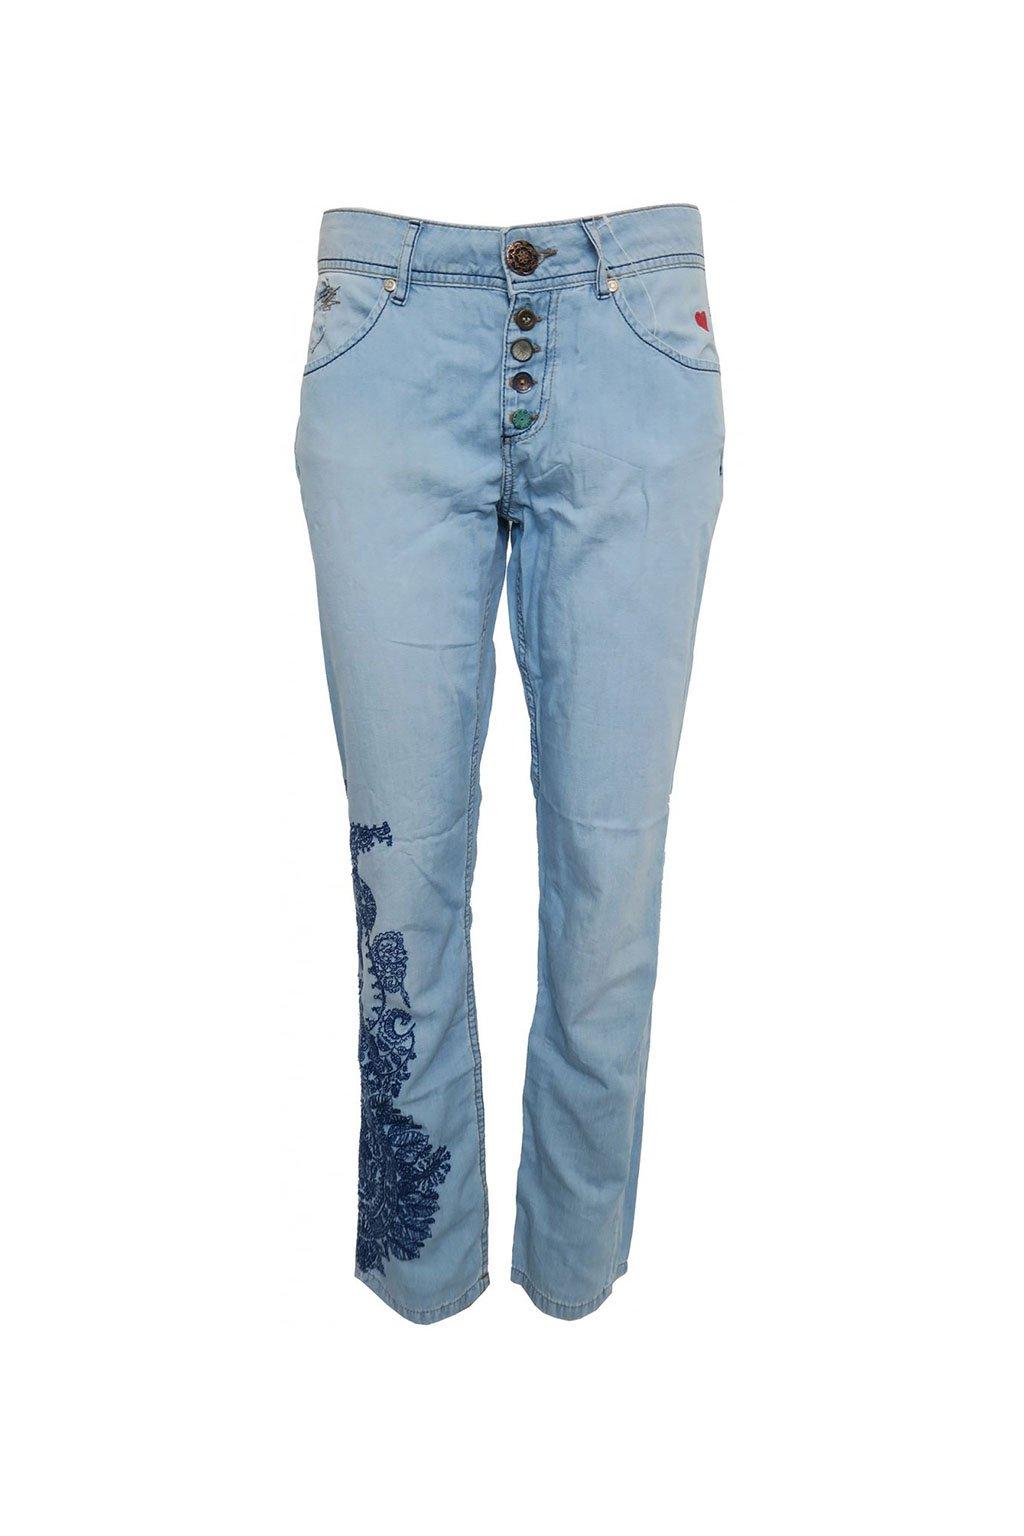 Desigual světle modré džíny s výšivkami